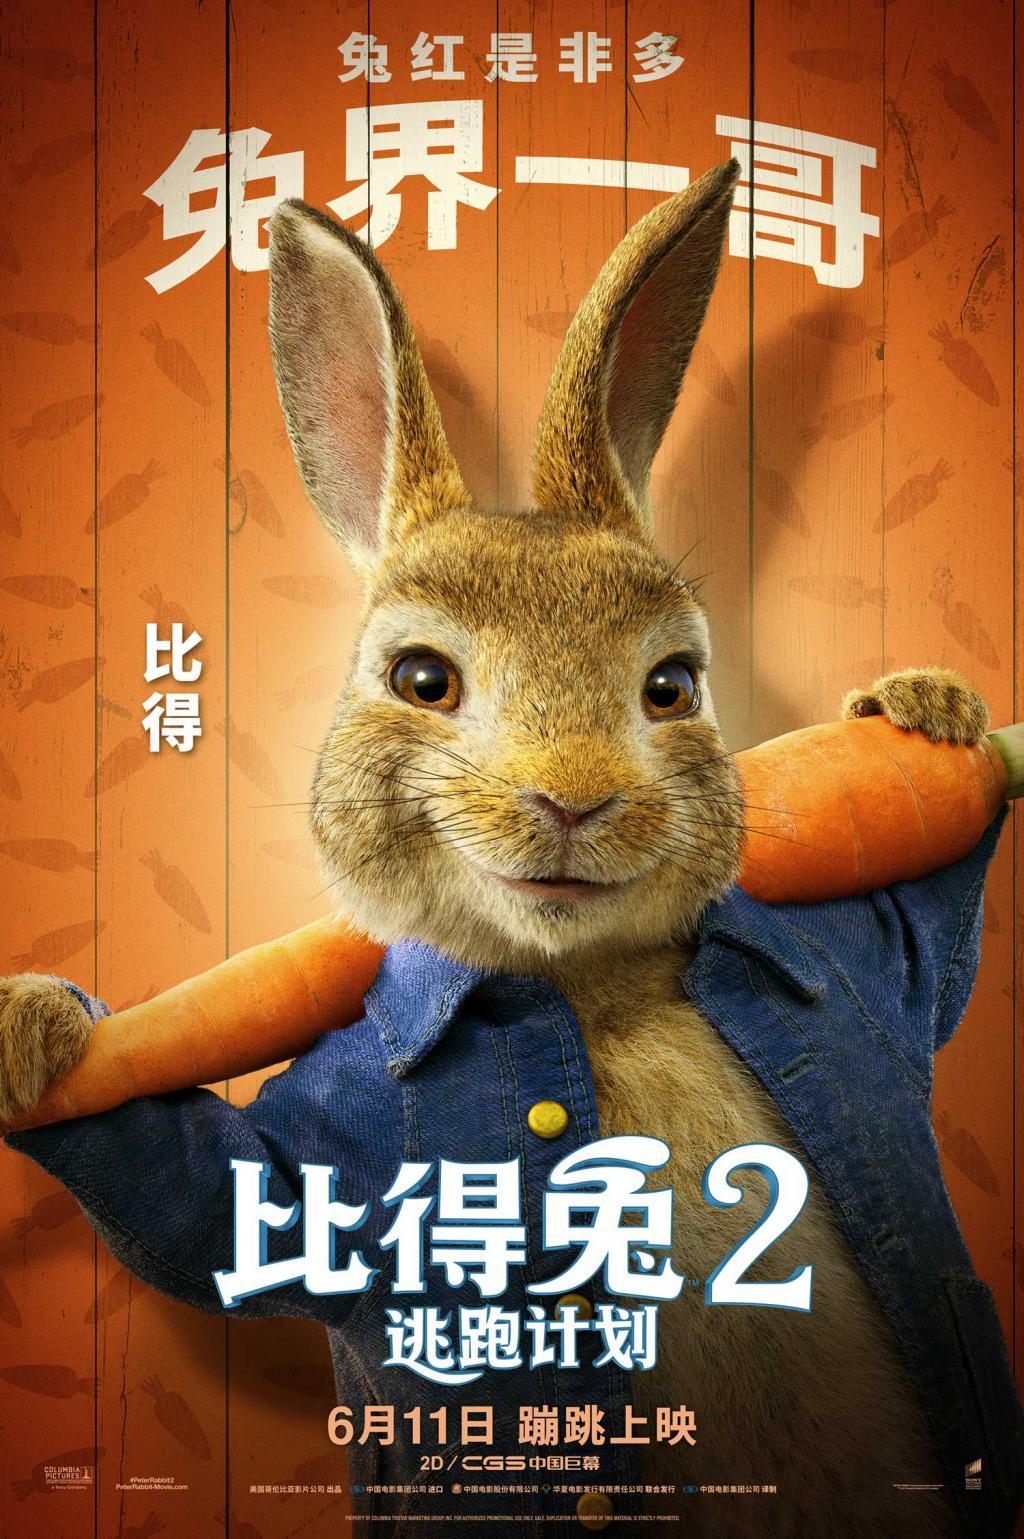 治愈不开心!《比得兔2:逃跑计划》萌兔天团登场笑点多